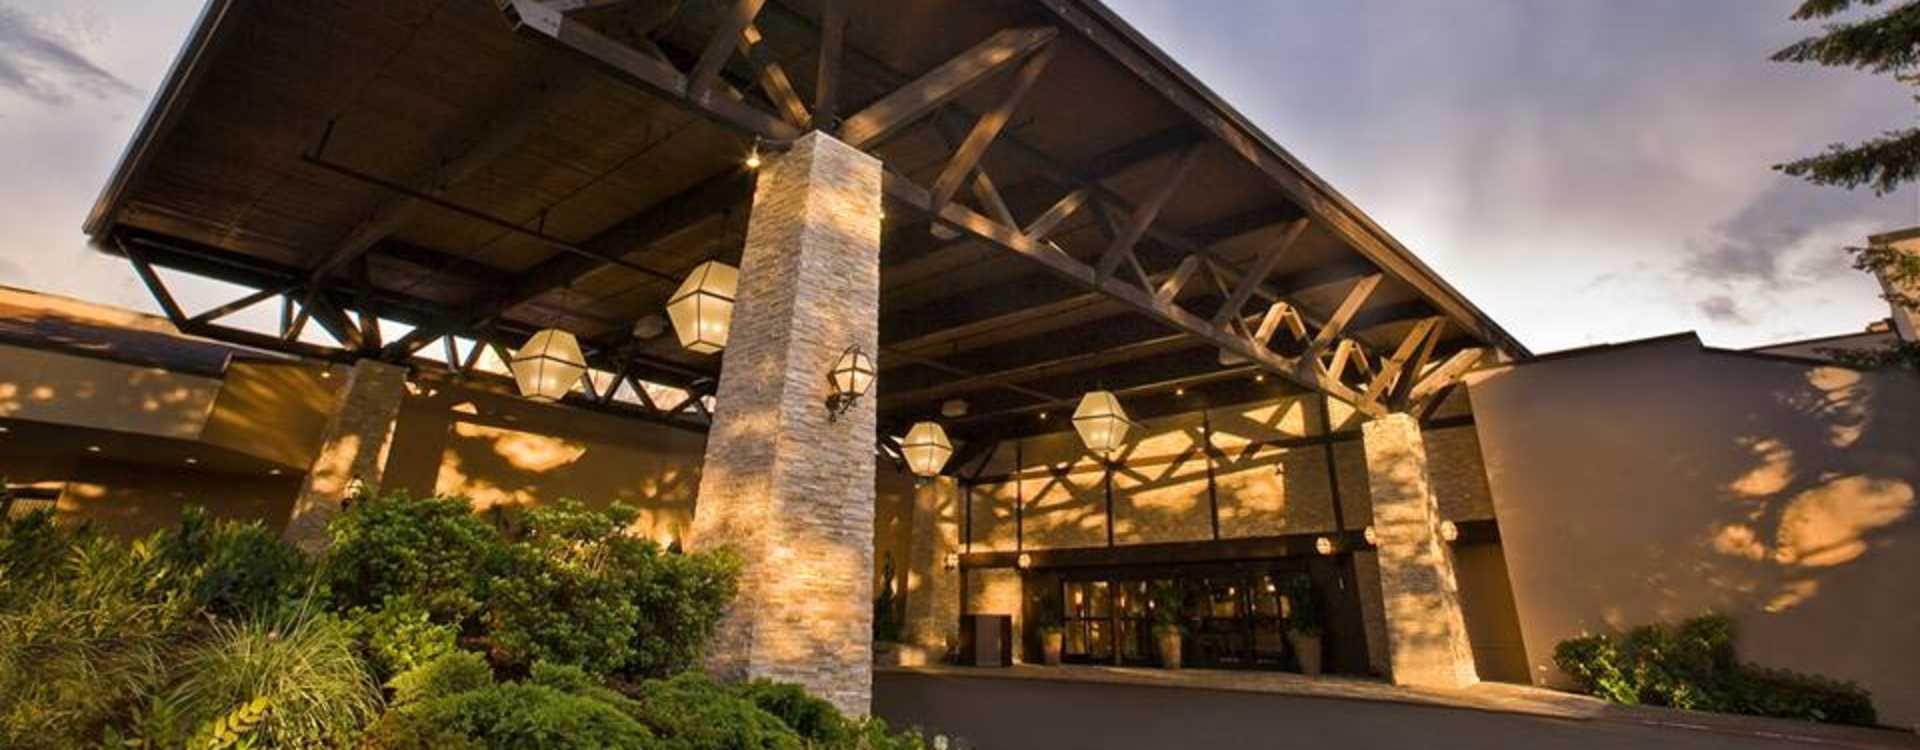 hotel_80BDAEE4-E6EE-420B-9F74185A6A903D56.jpg